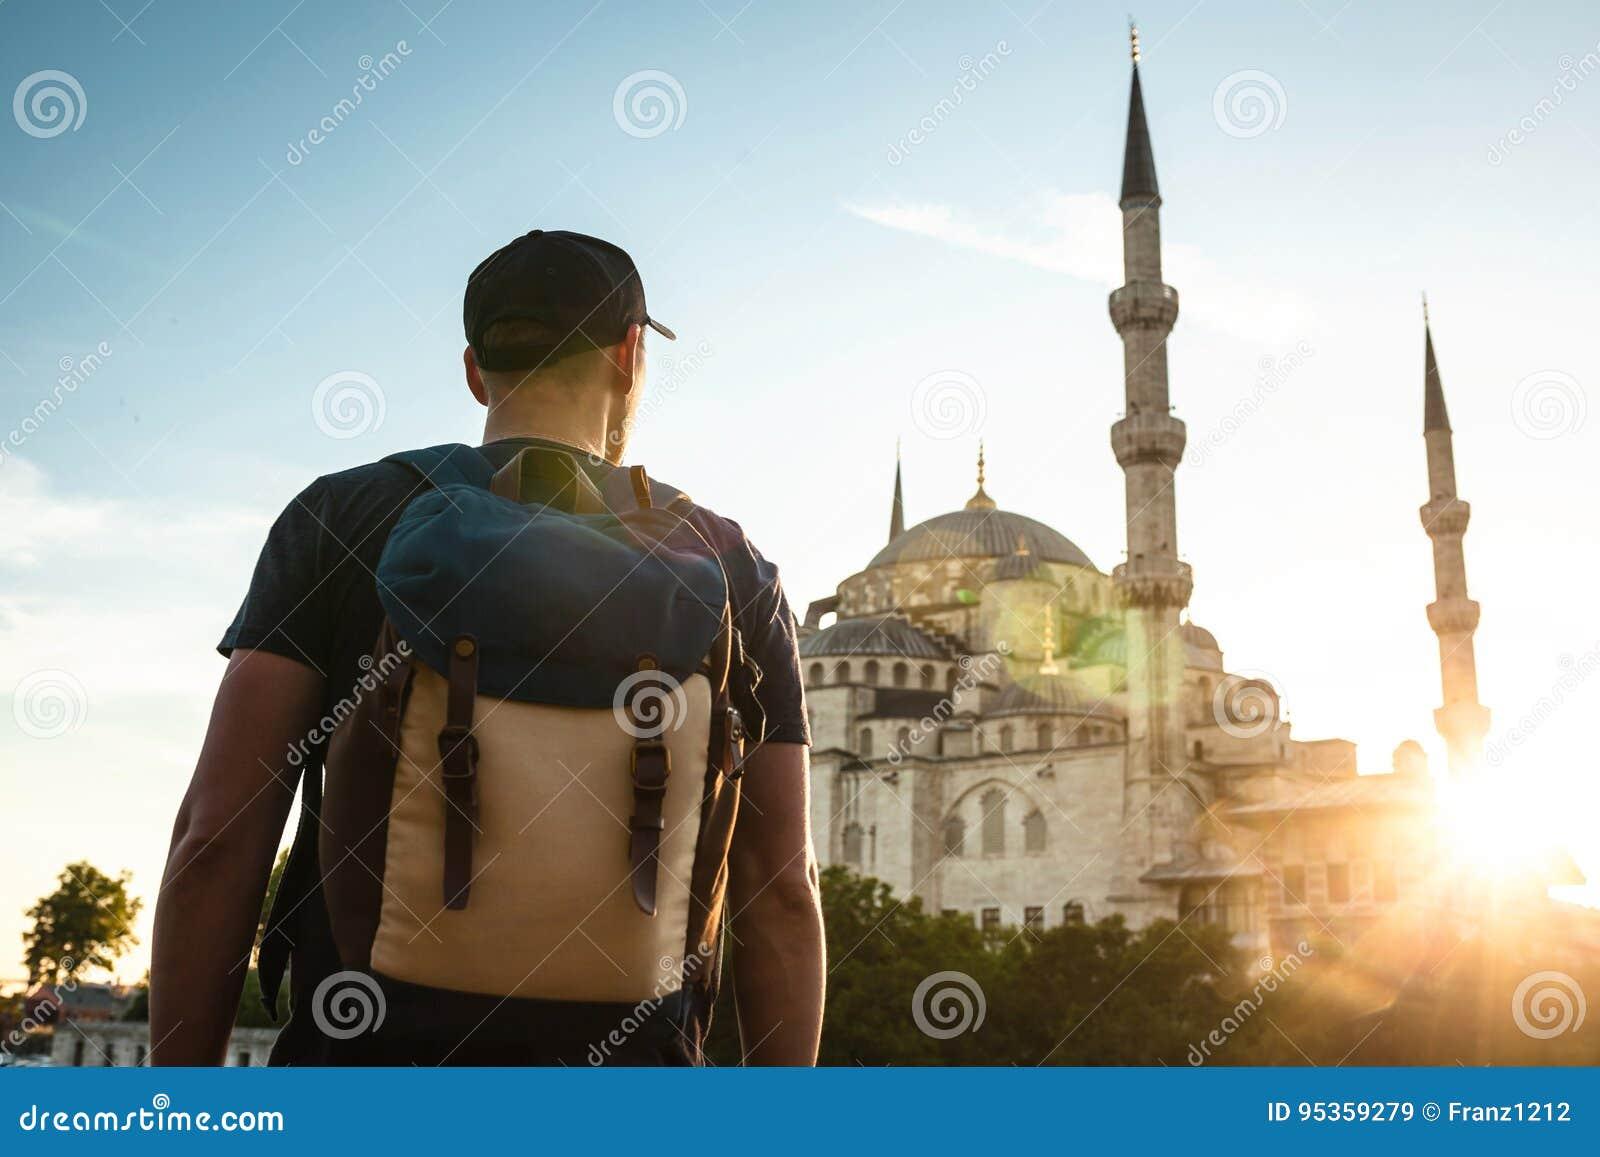 Een mens in een honkbal GLB met een rugzak naast de blauwe moskee is een beroemd gezicht in Istanboel Reis, toerisme